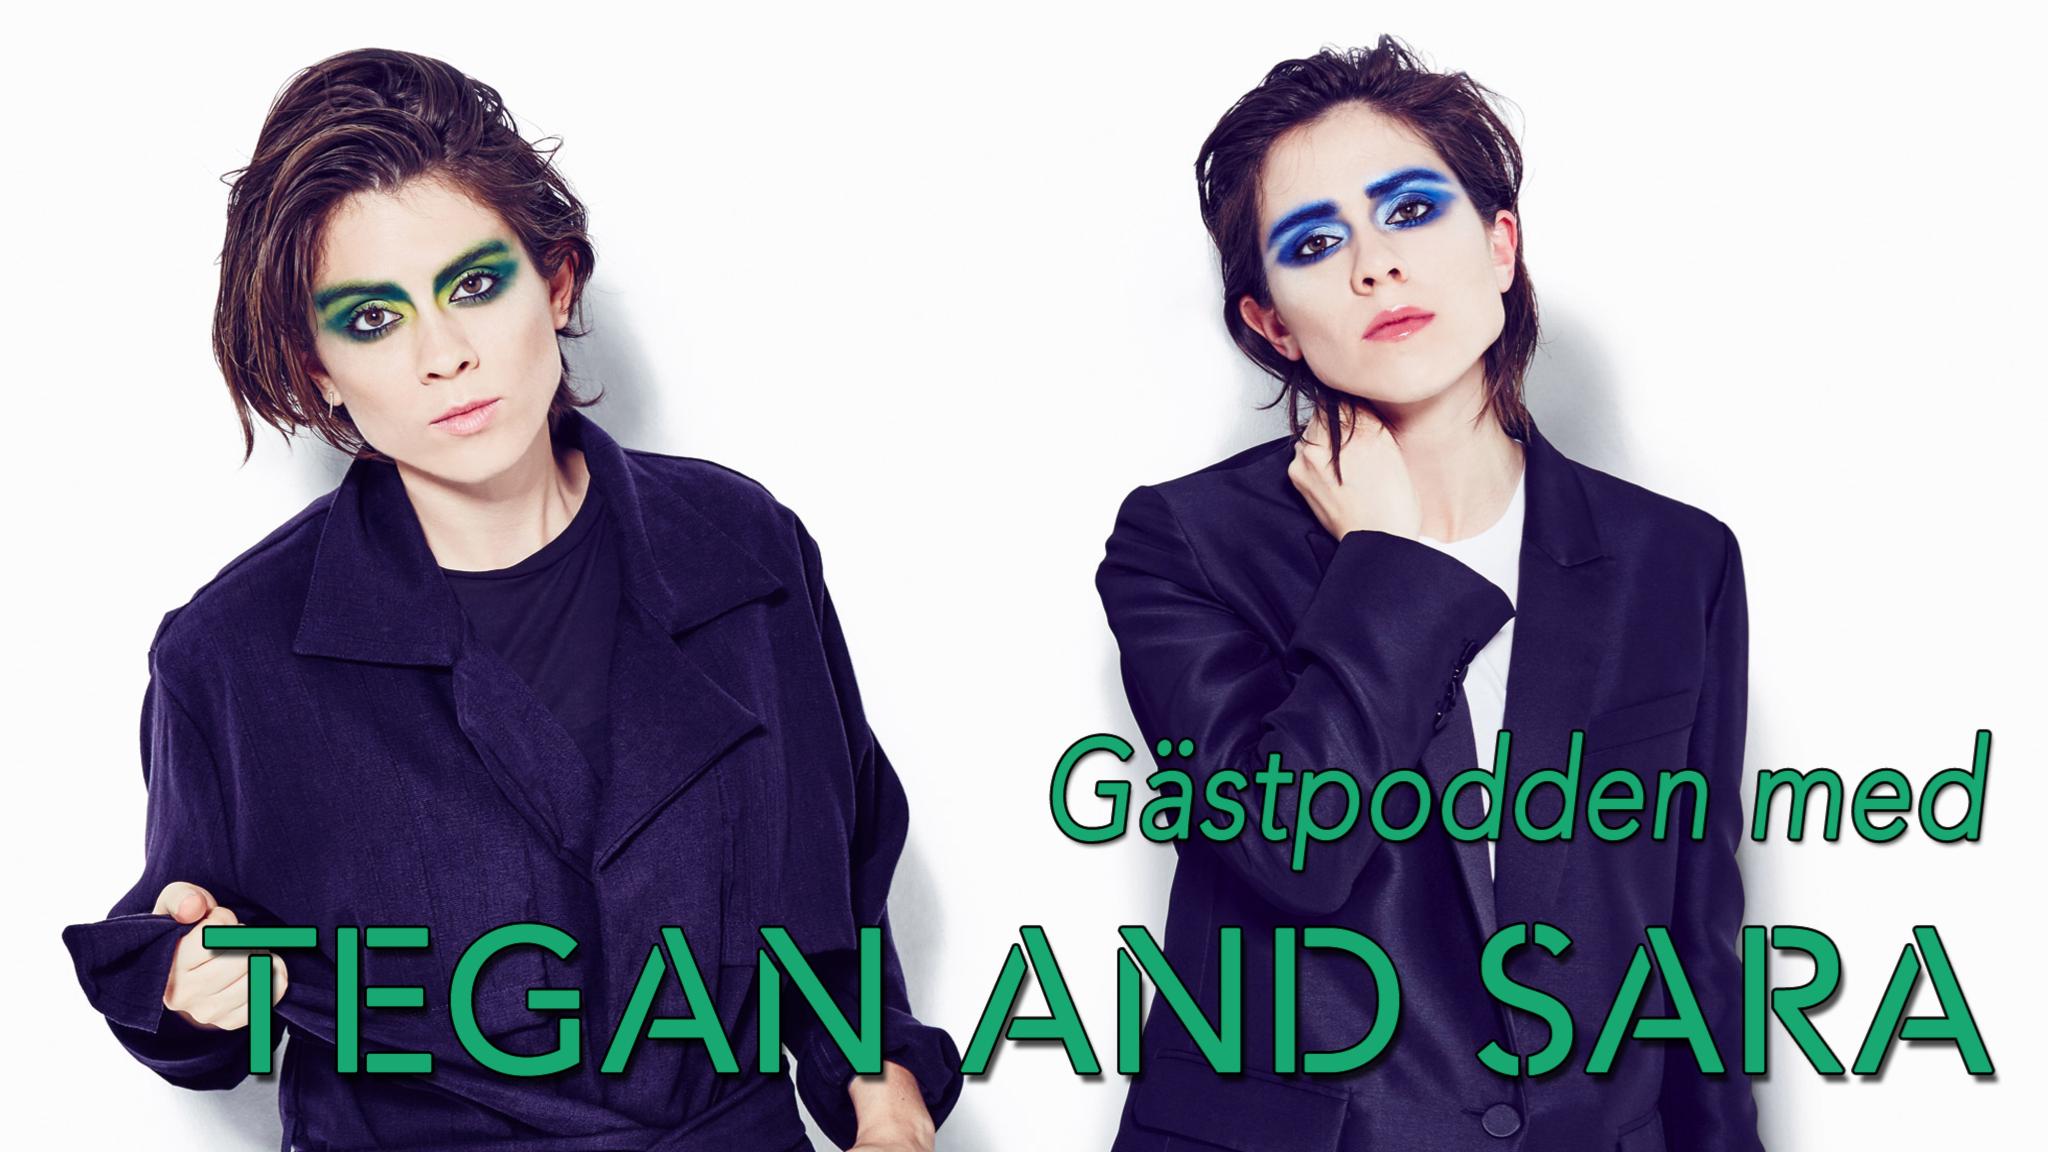 Gästpodden med popduon Tegan and Sara